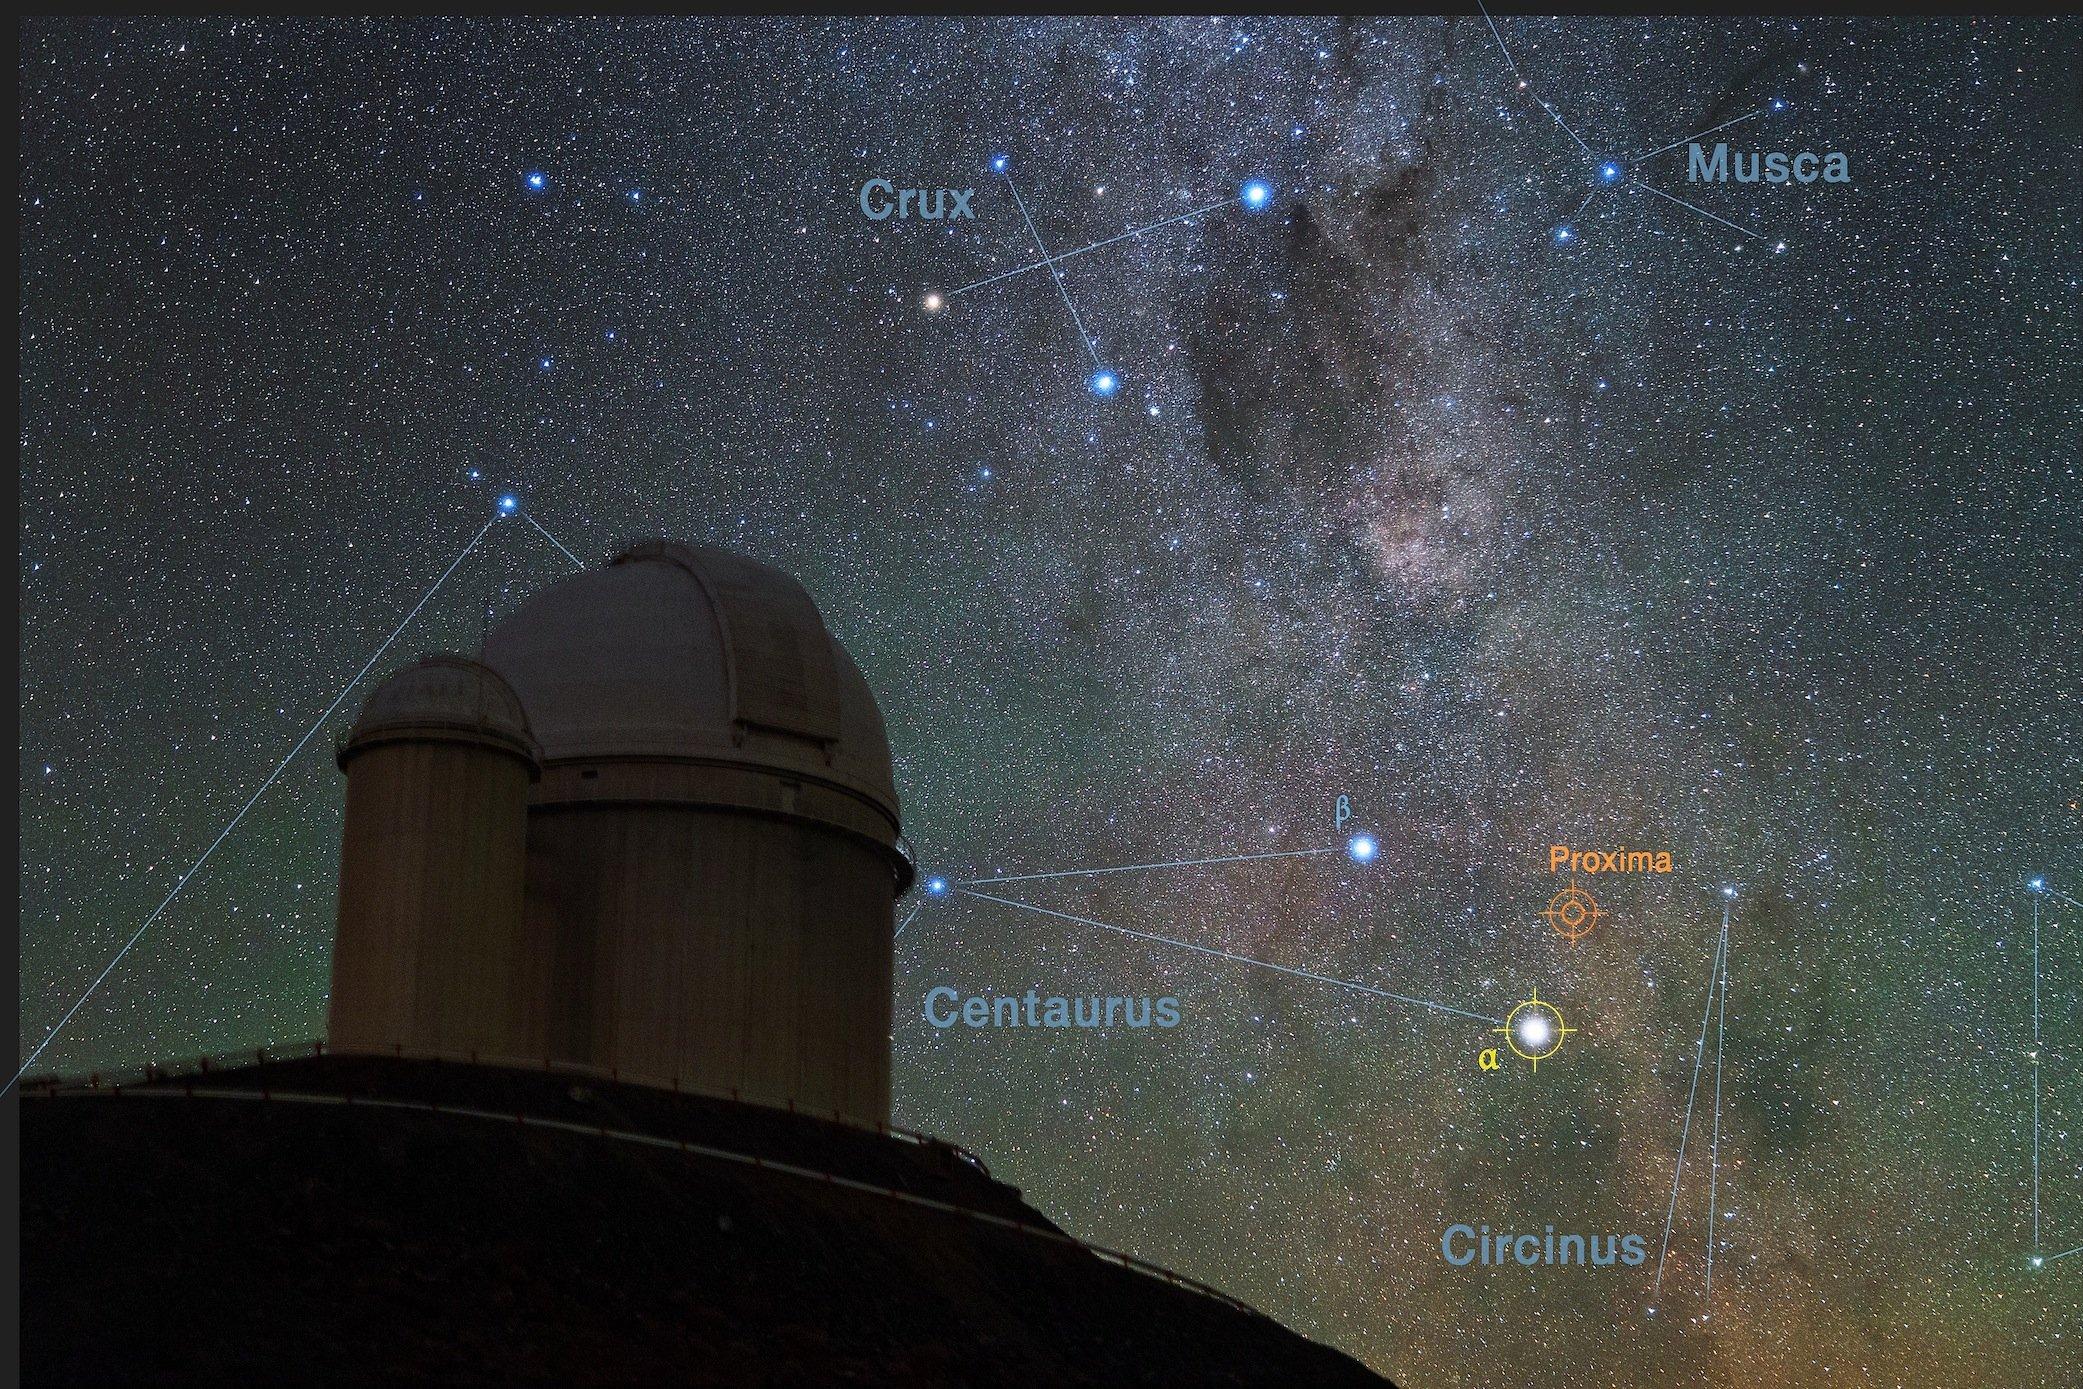 Der Sternenhimmel über der Europäischen Südsternwarte zeigt die Lage der jetzt entdeckten Planeten.